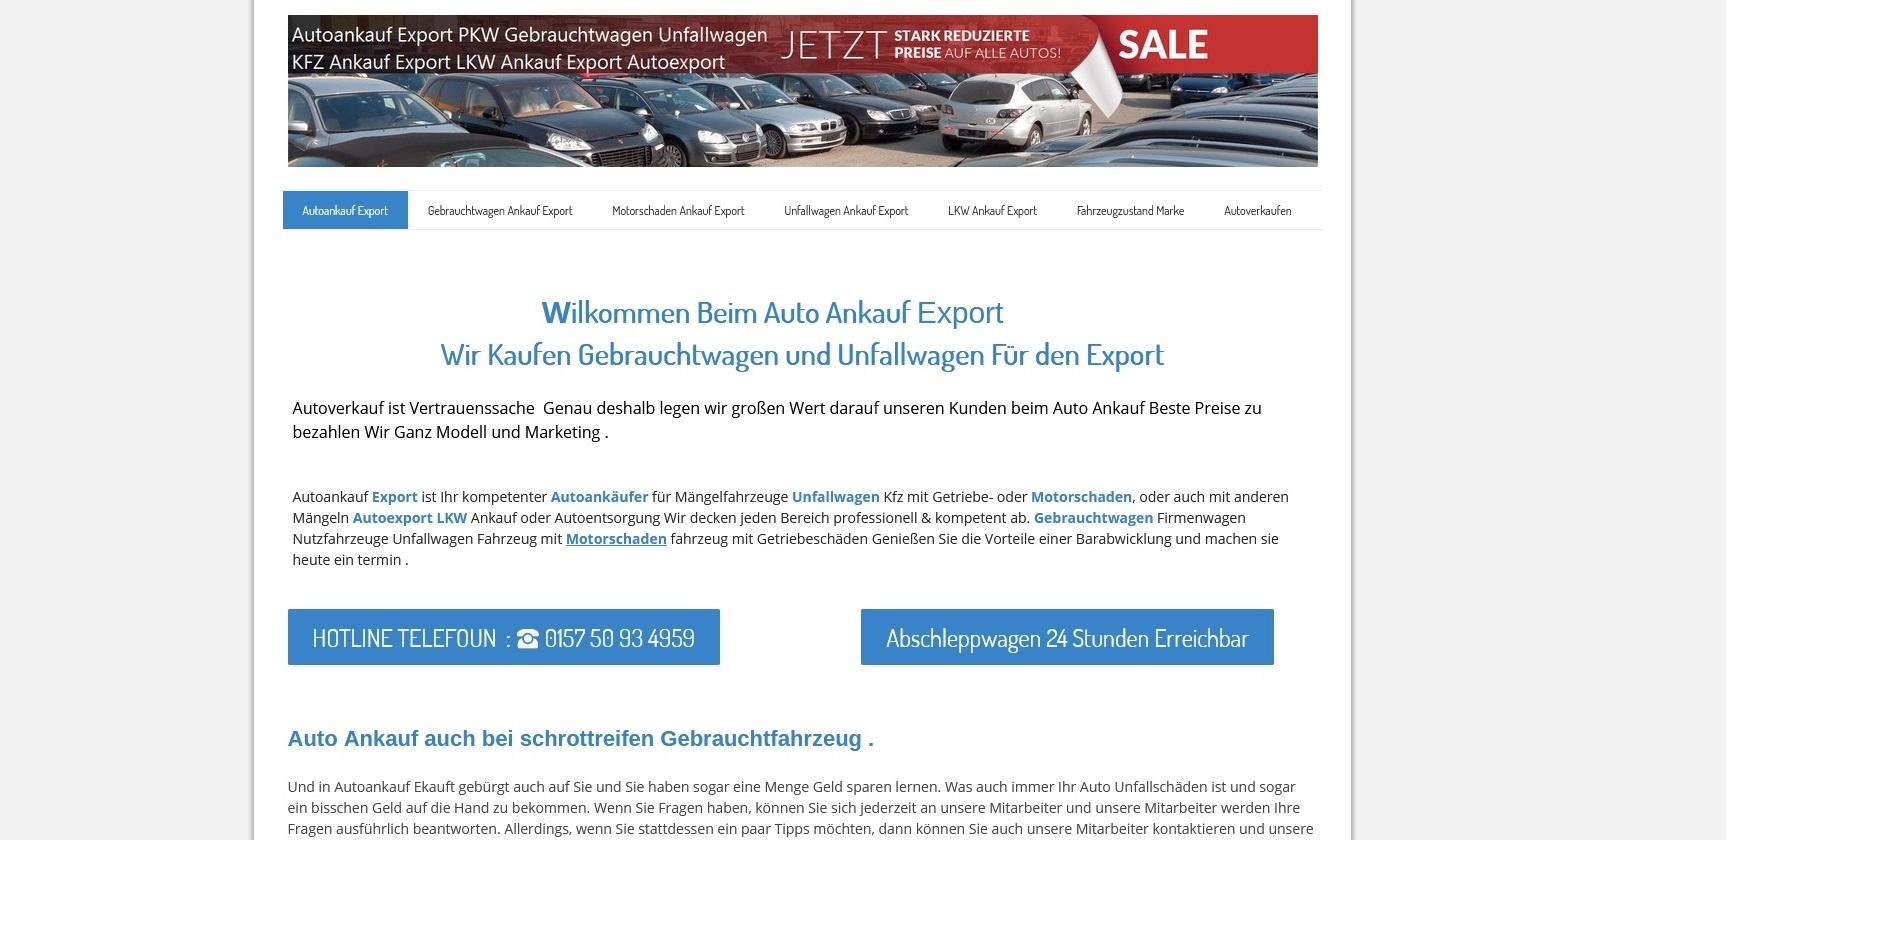 autoankauf heinsberg bestpreis fuer pkw mit getriebeschaden - Autoankauf Heinsberg Bestpreis für PKW mit Getriebeschaden